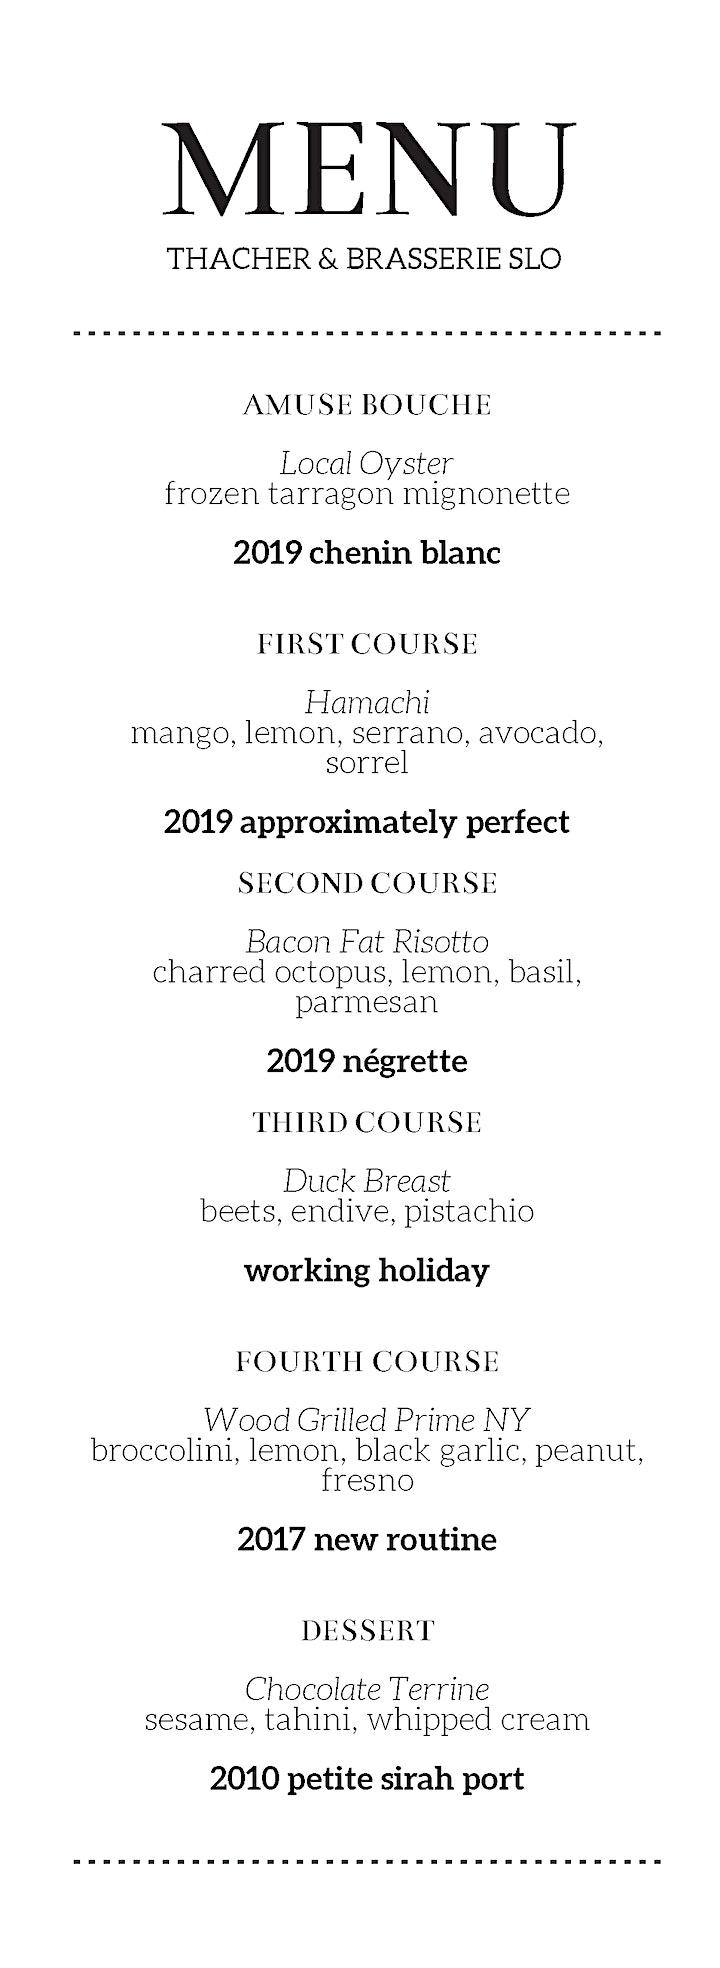 Brasserie SLO x Thacher Wine Dinner image